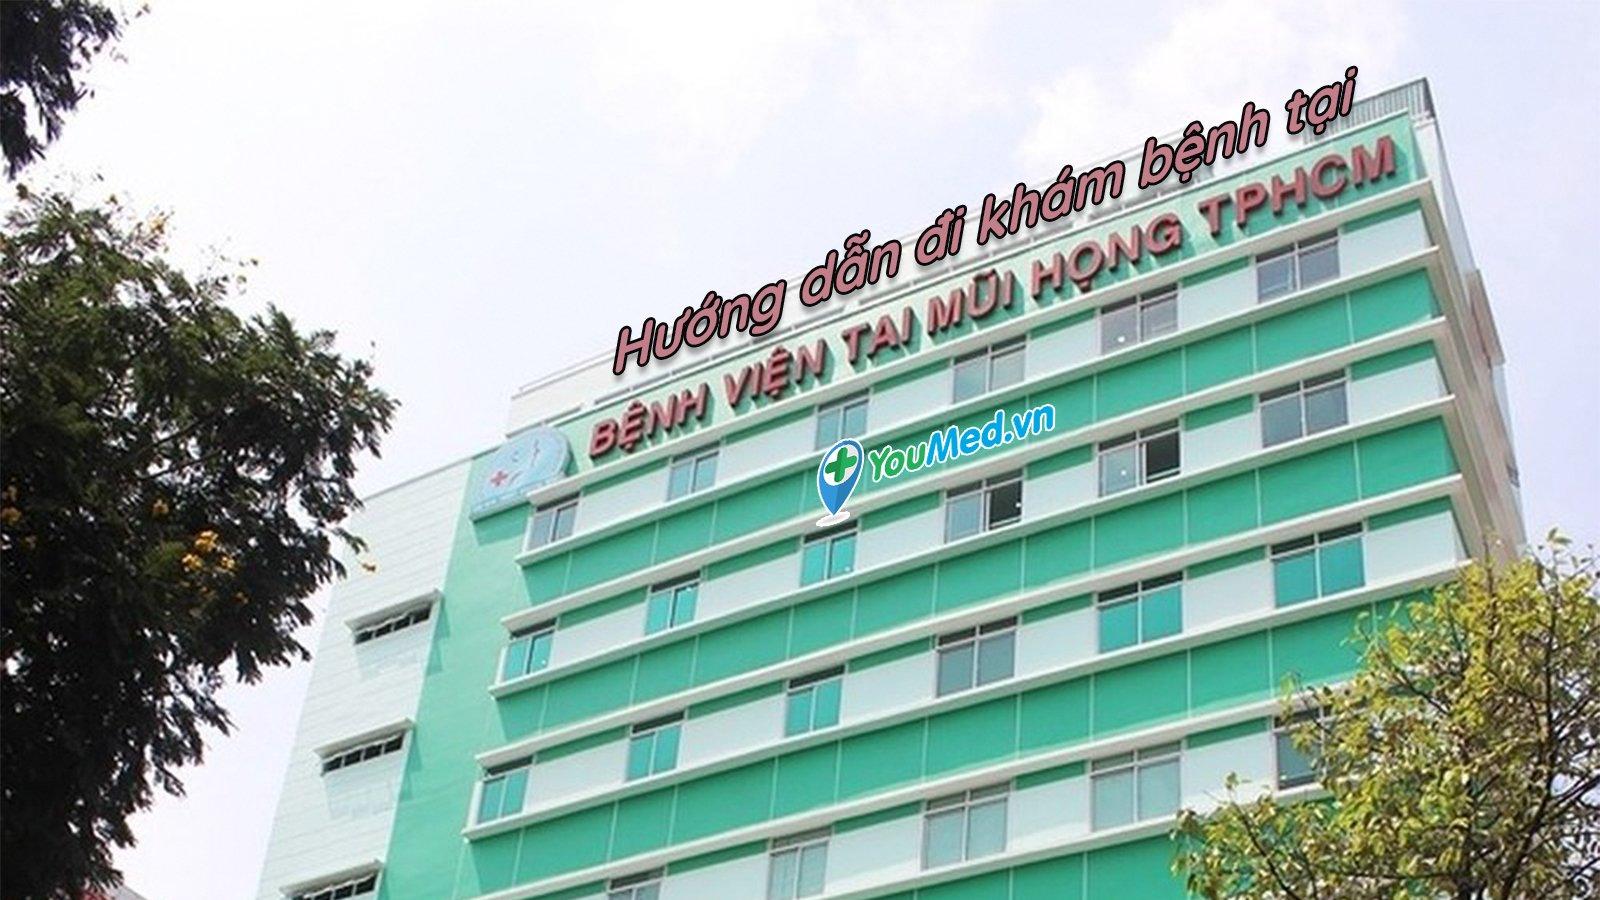 Hướng dẫn đi khám bệnh tại bệnh viện Tai Mũi Họng TP.HCM